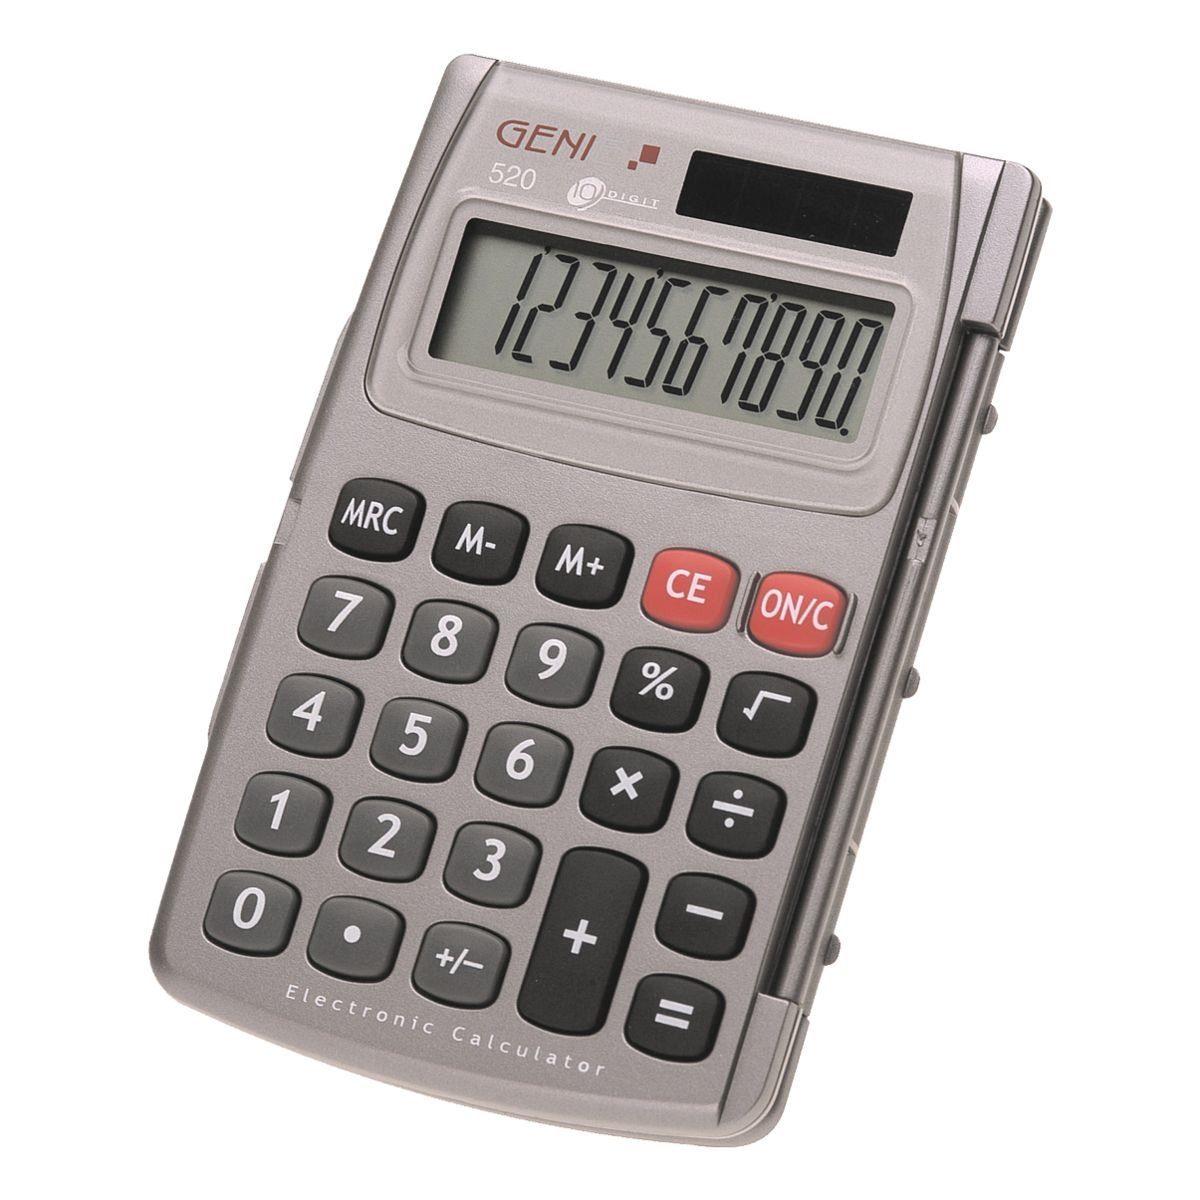 GENIE Taschenrechner »520«